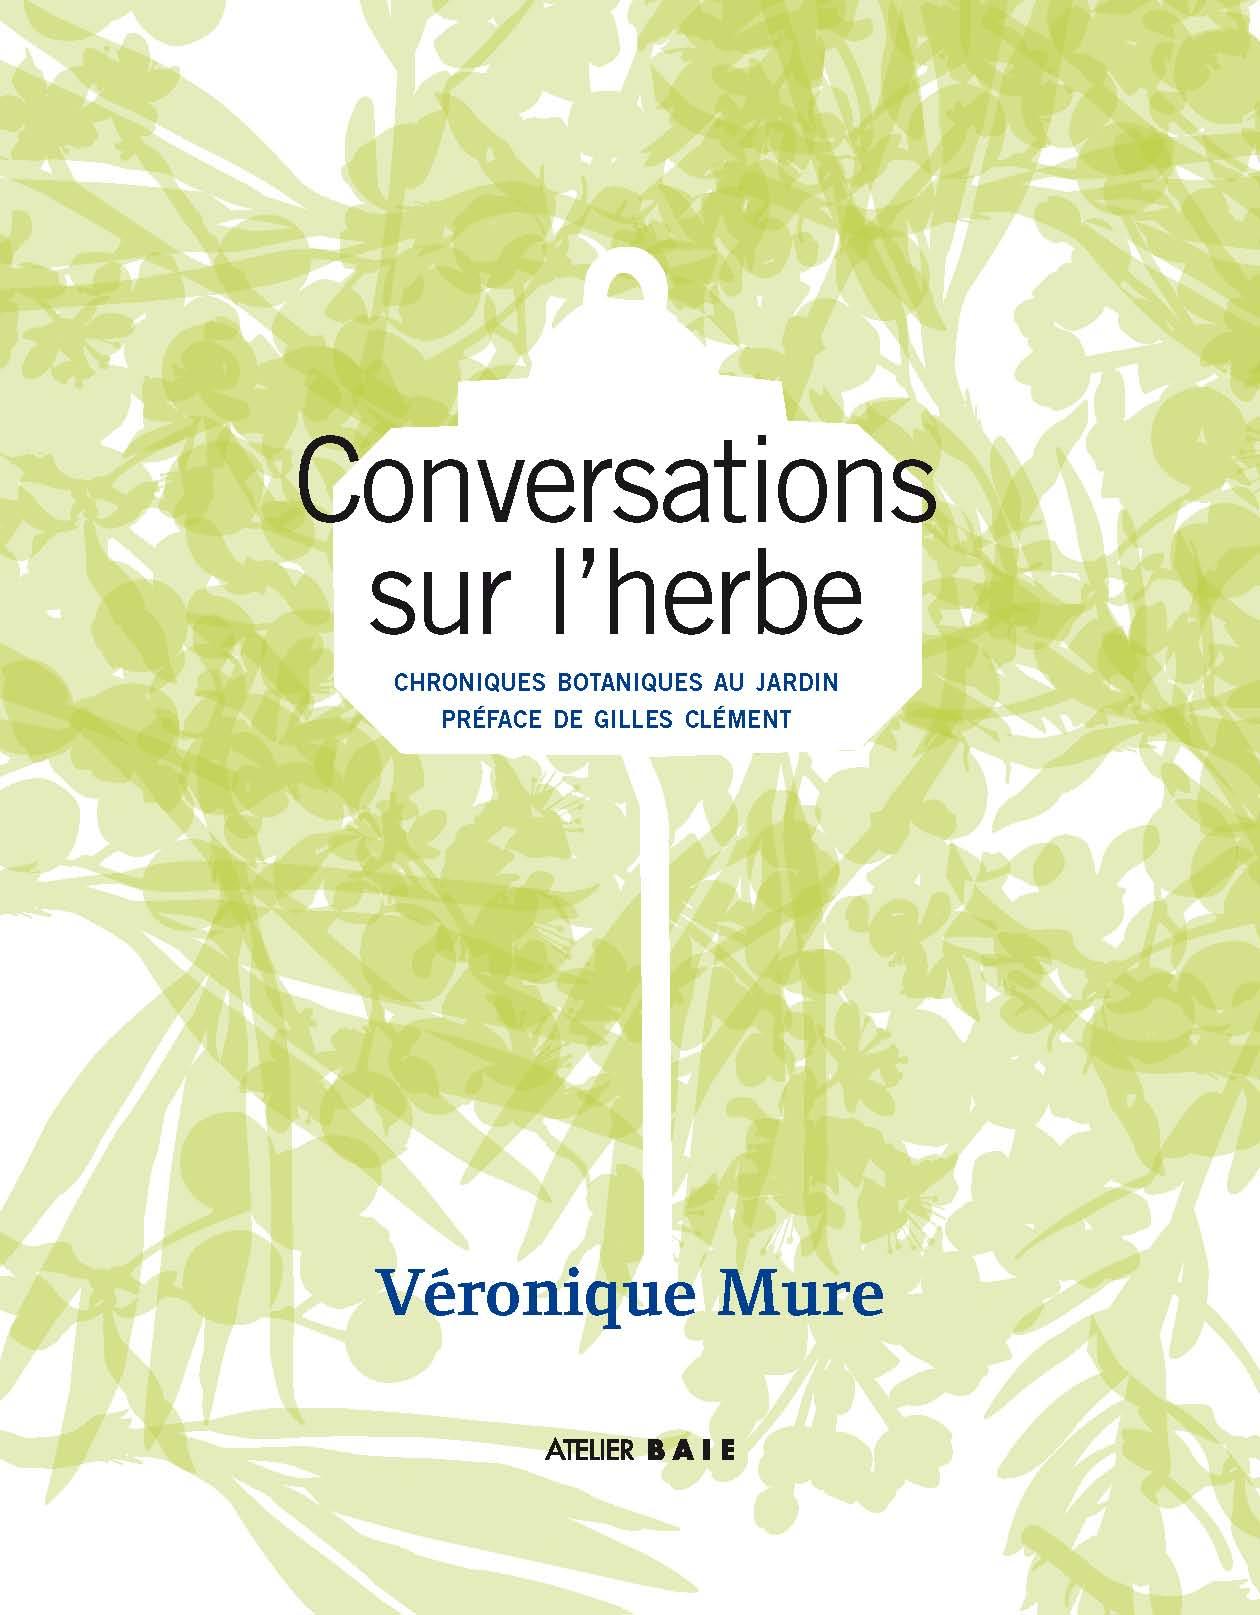 Conversations sur l'herbe